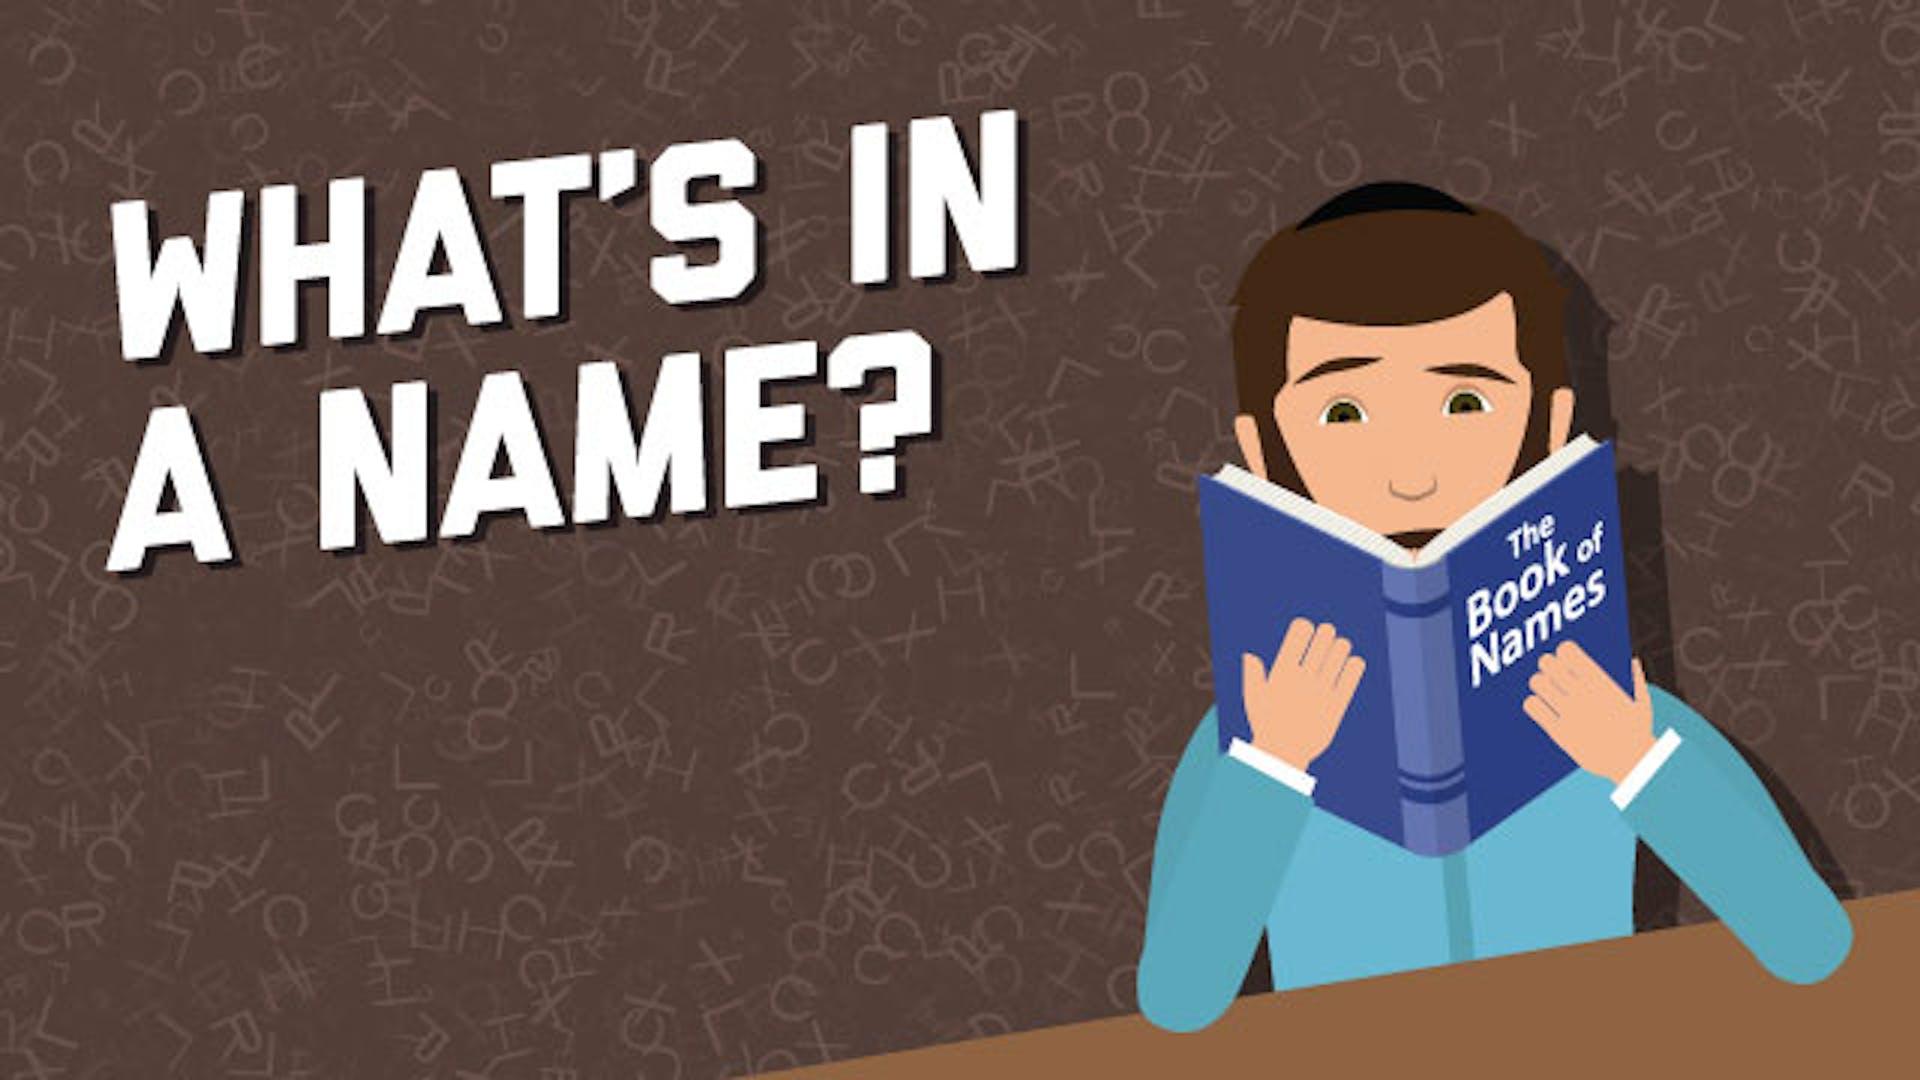 Shemot Exodus name meaning